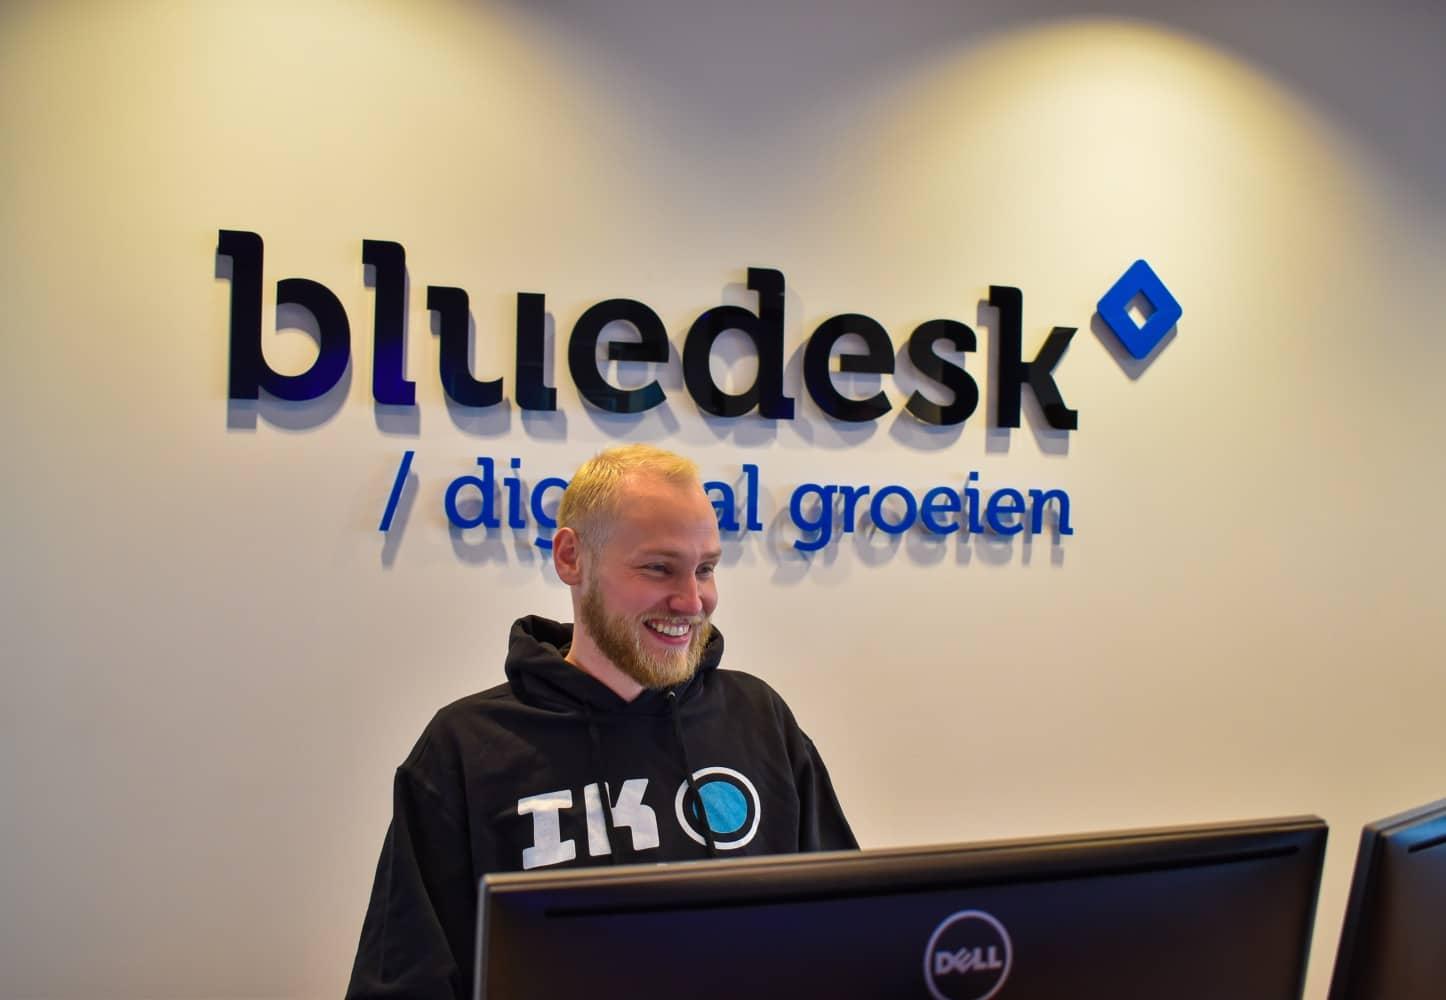 jesse-bluedesk